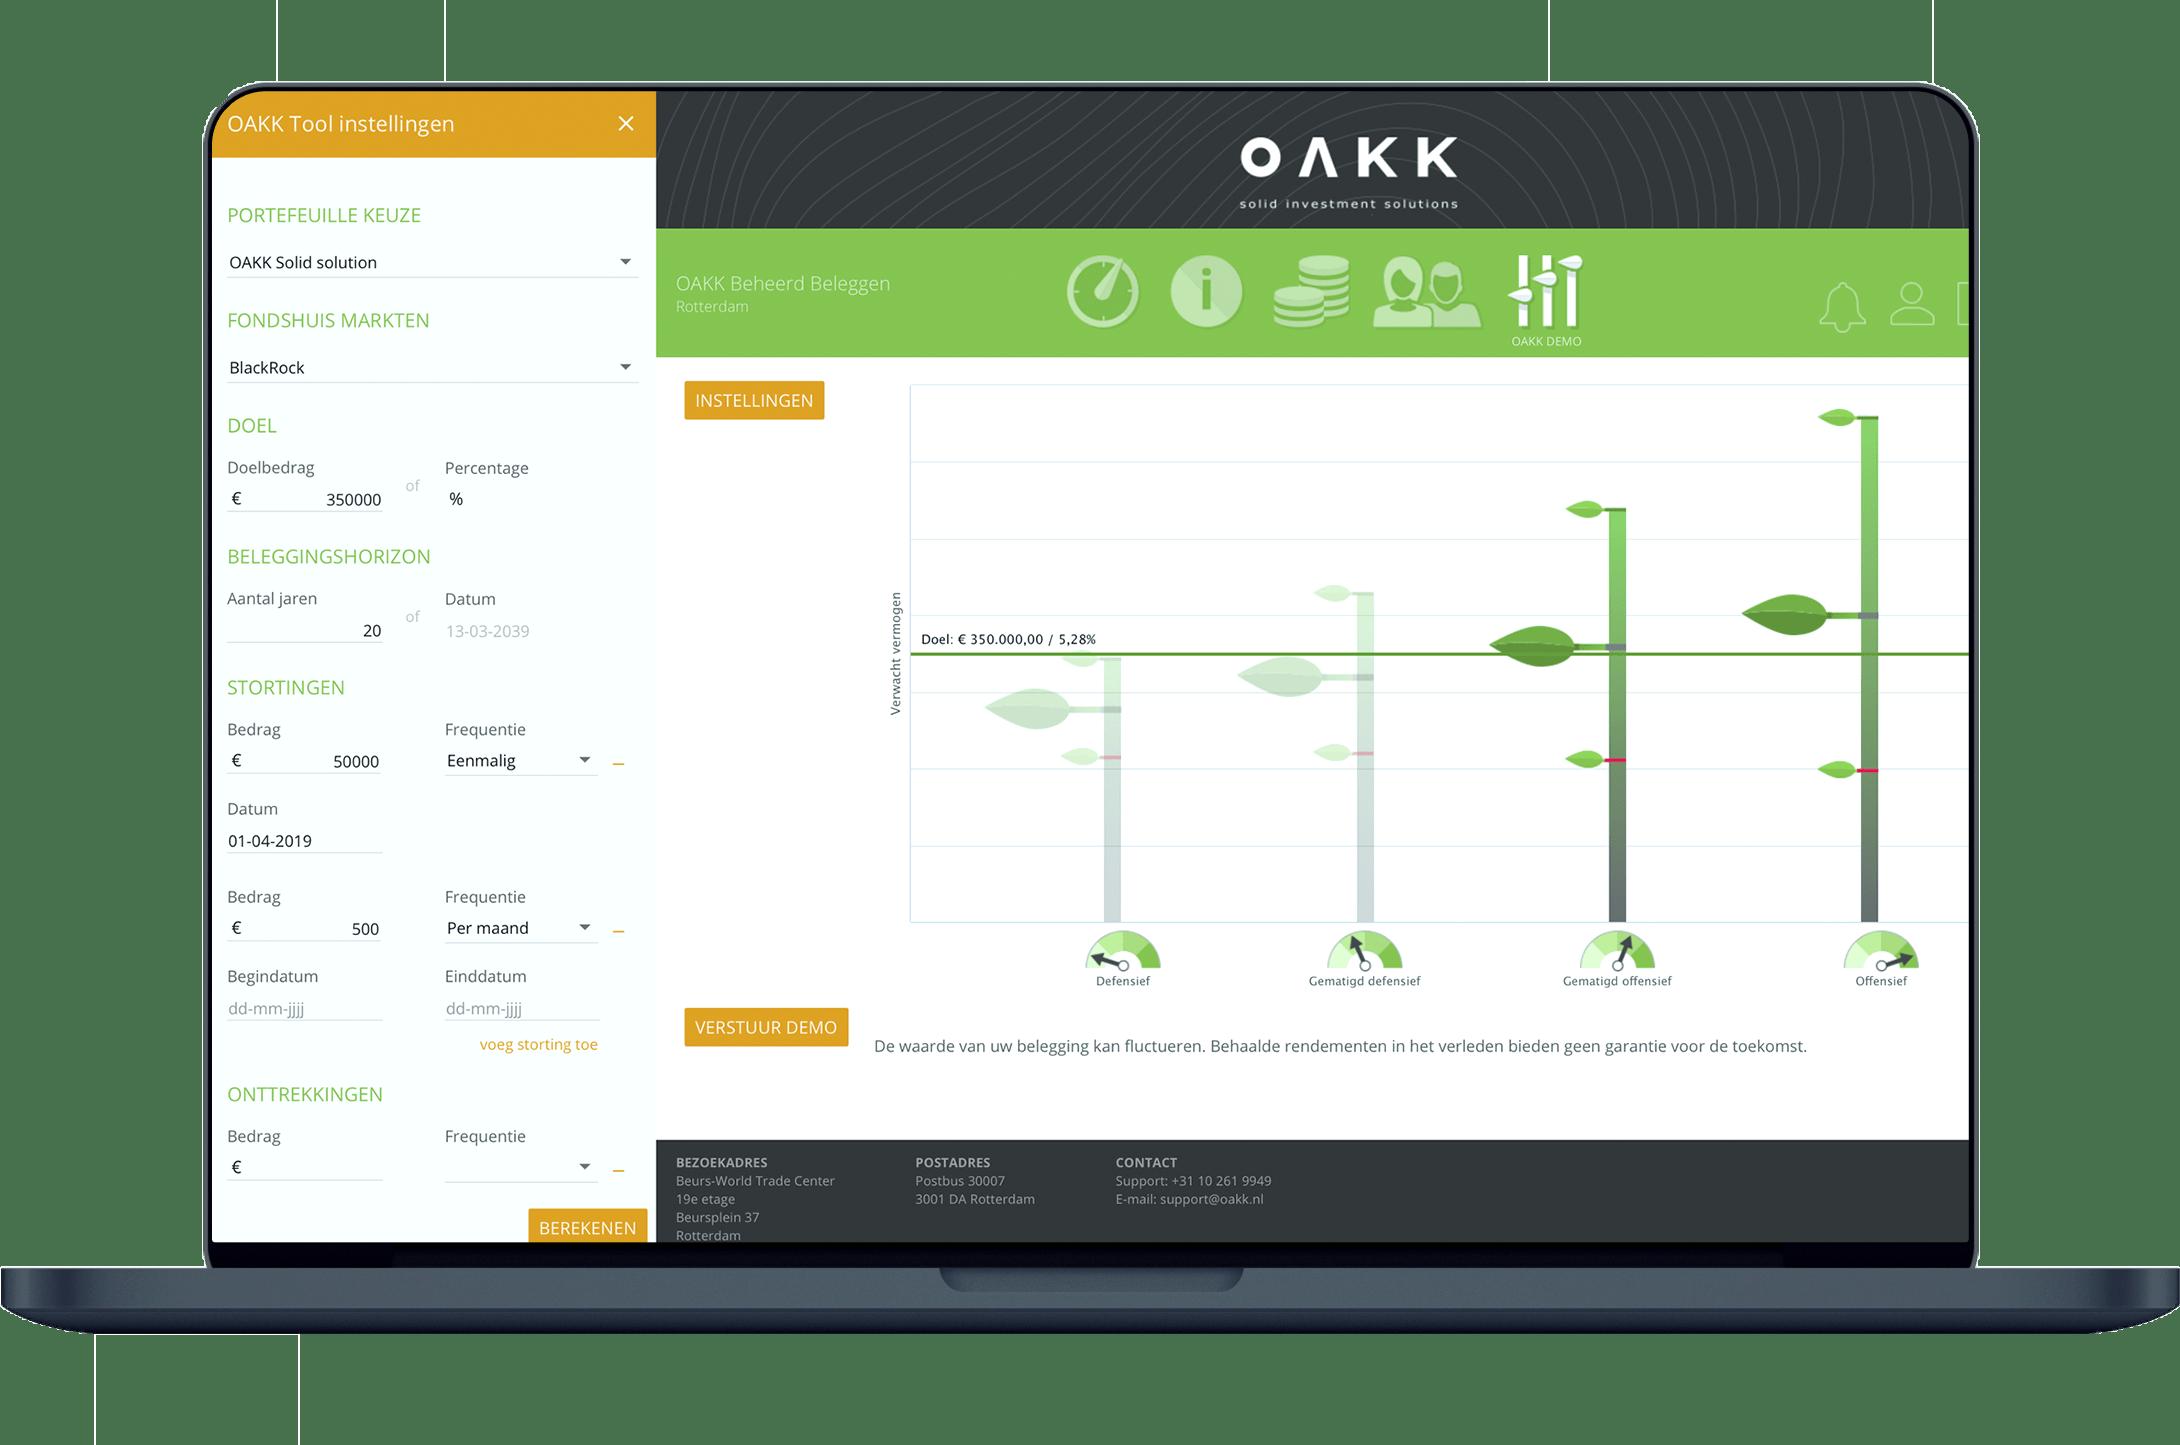 OAKK Tool